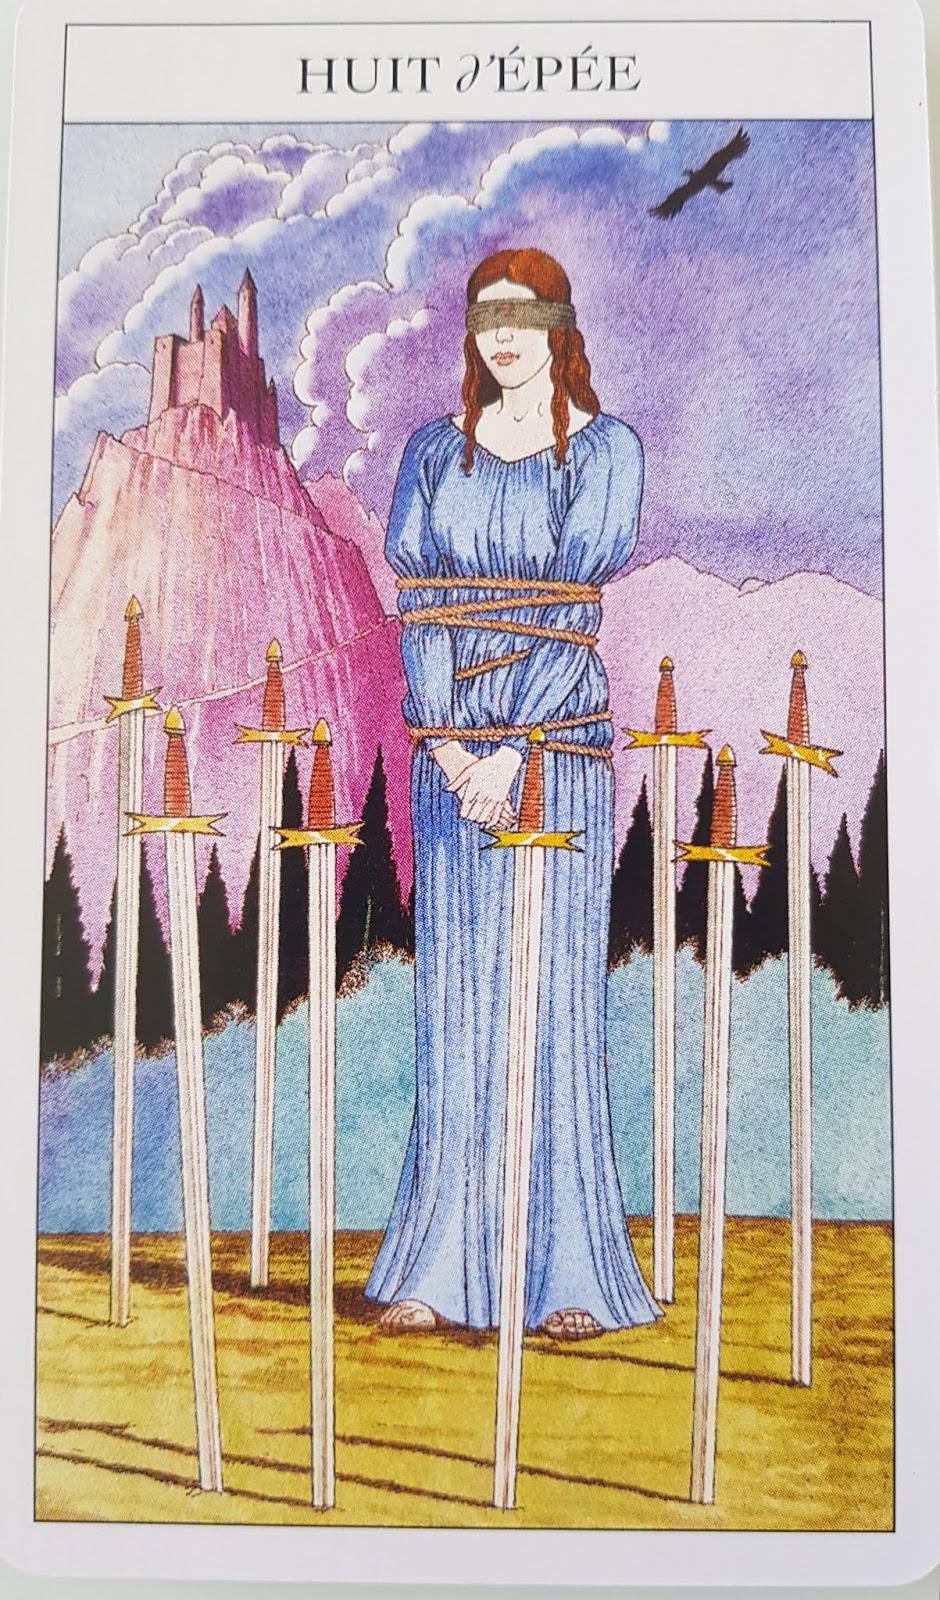 Tarot Signification Des 78 Cartes : tarot, signification, cartes, COMMENT, RETENIR, FACILEMENT, SIGNIFICATION, CARTES